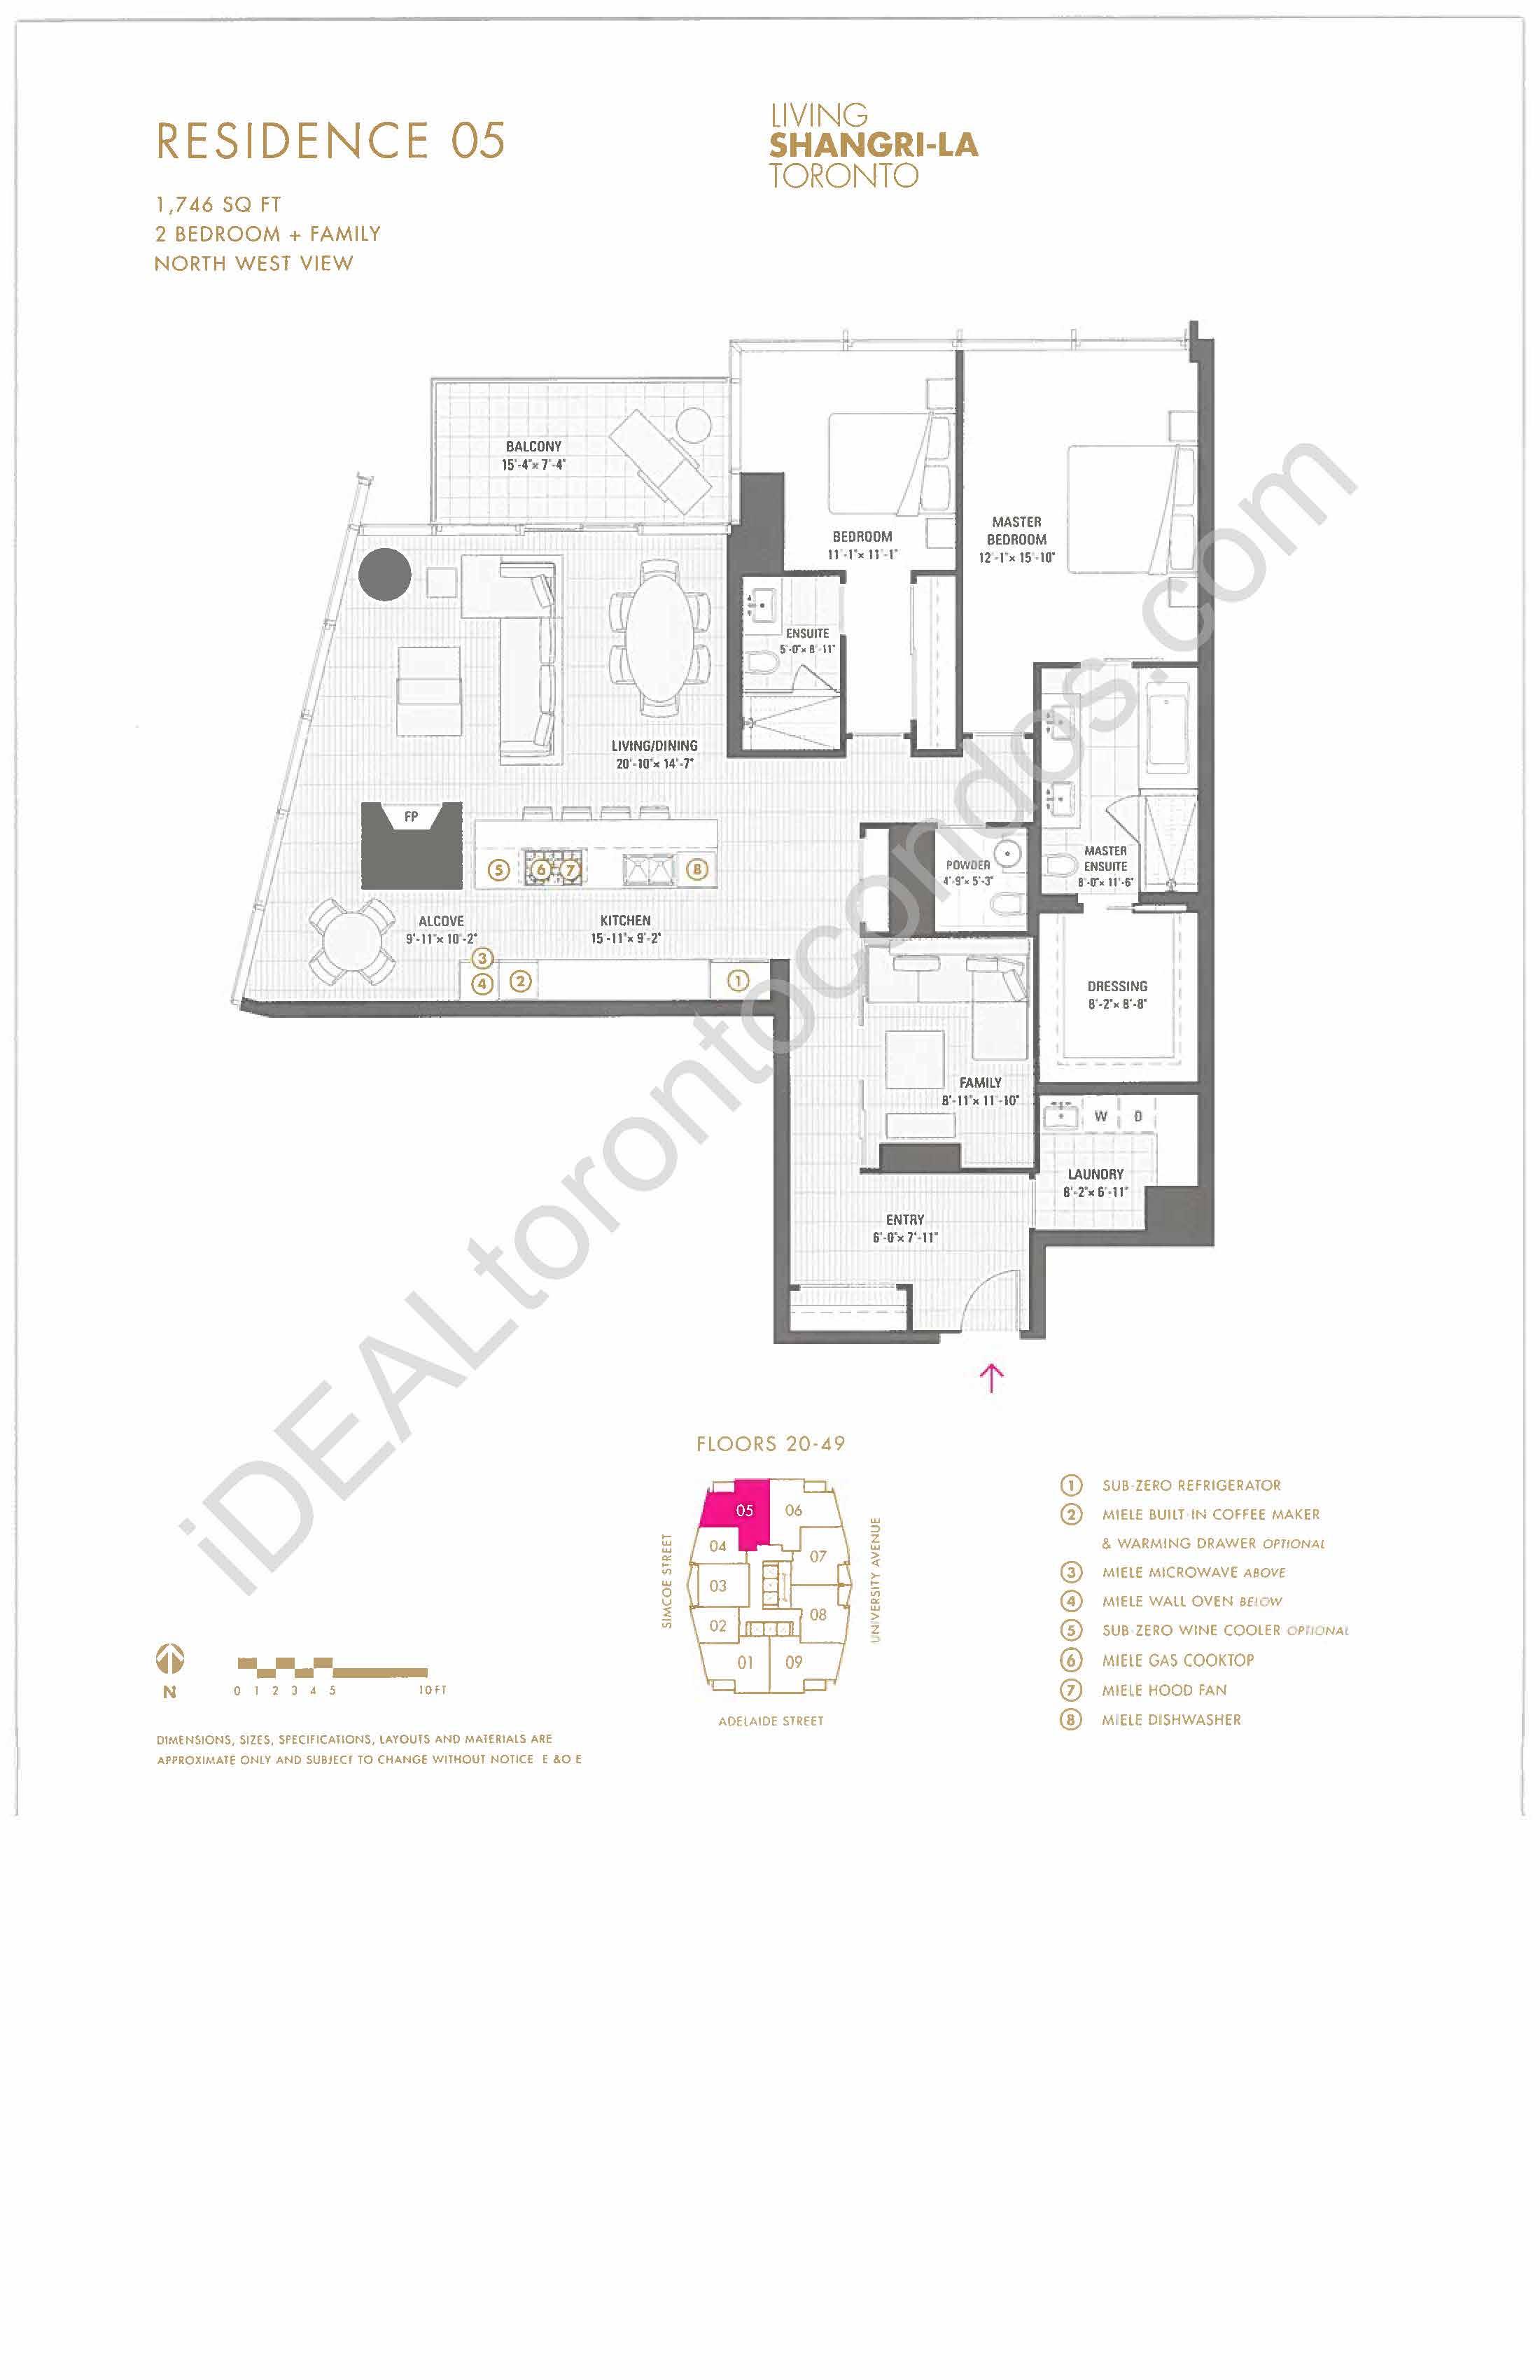 Residence 05 - 2 Bedroom + family